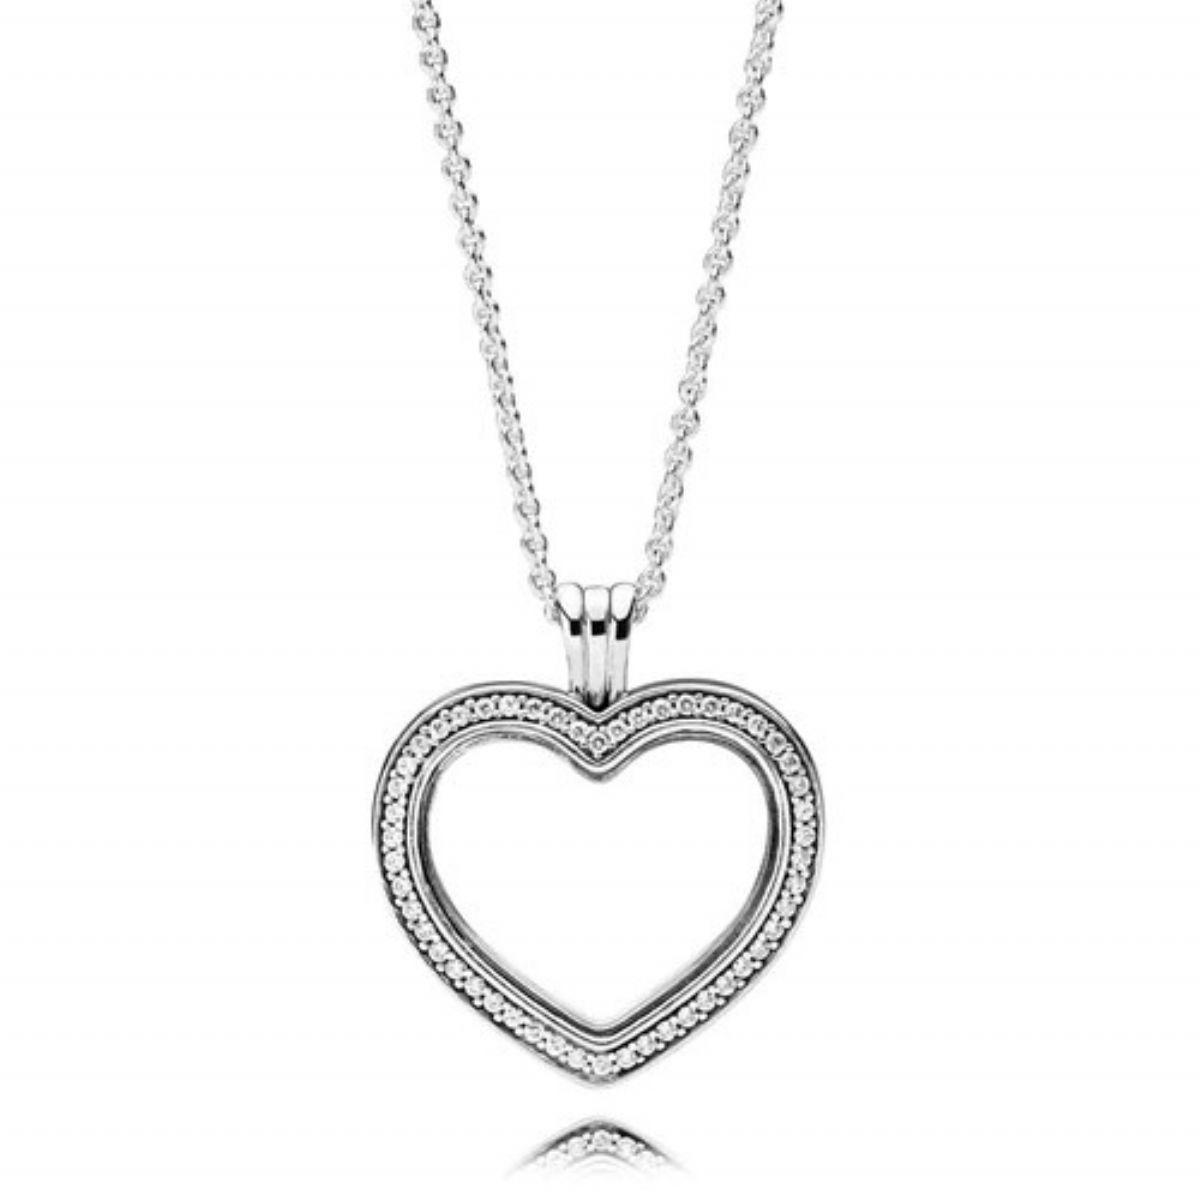 ... Stříbrný náhrdelník Pandora s medailonem - Třpytivé srdce 1 3 ... 6b0573c327f